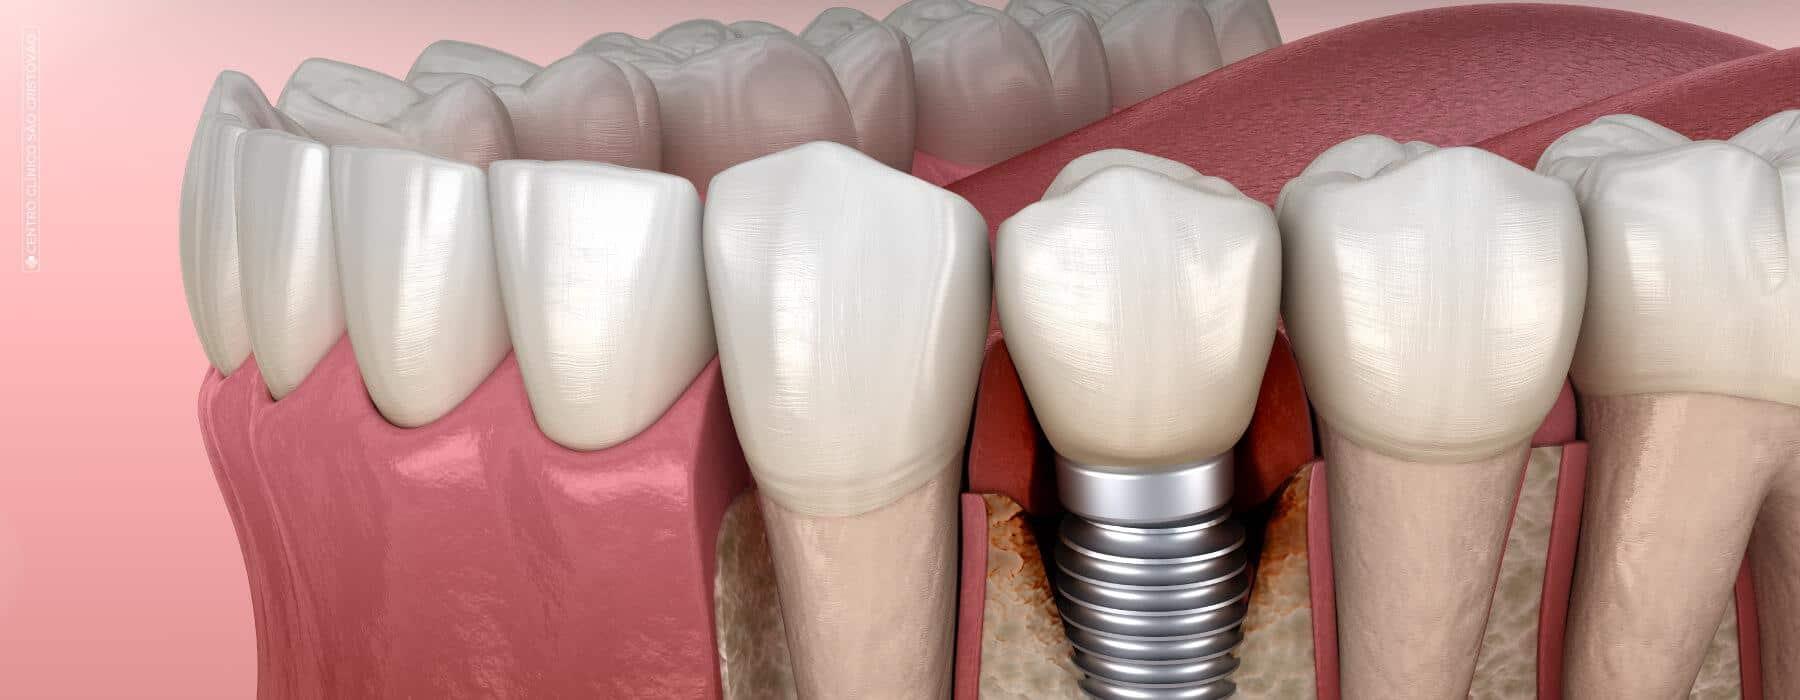 Quais as fases de um tratamento de implantes dentários?